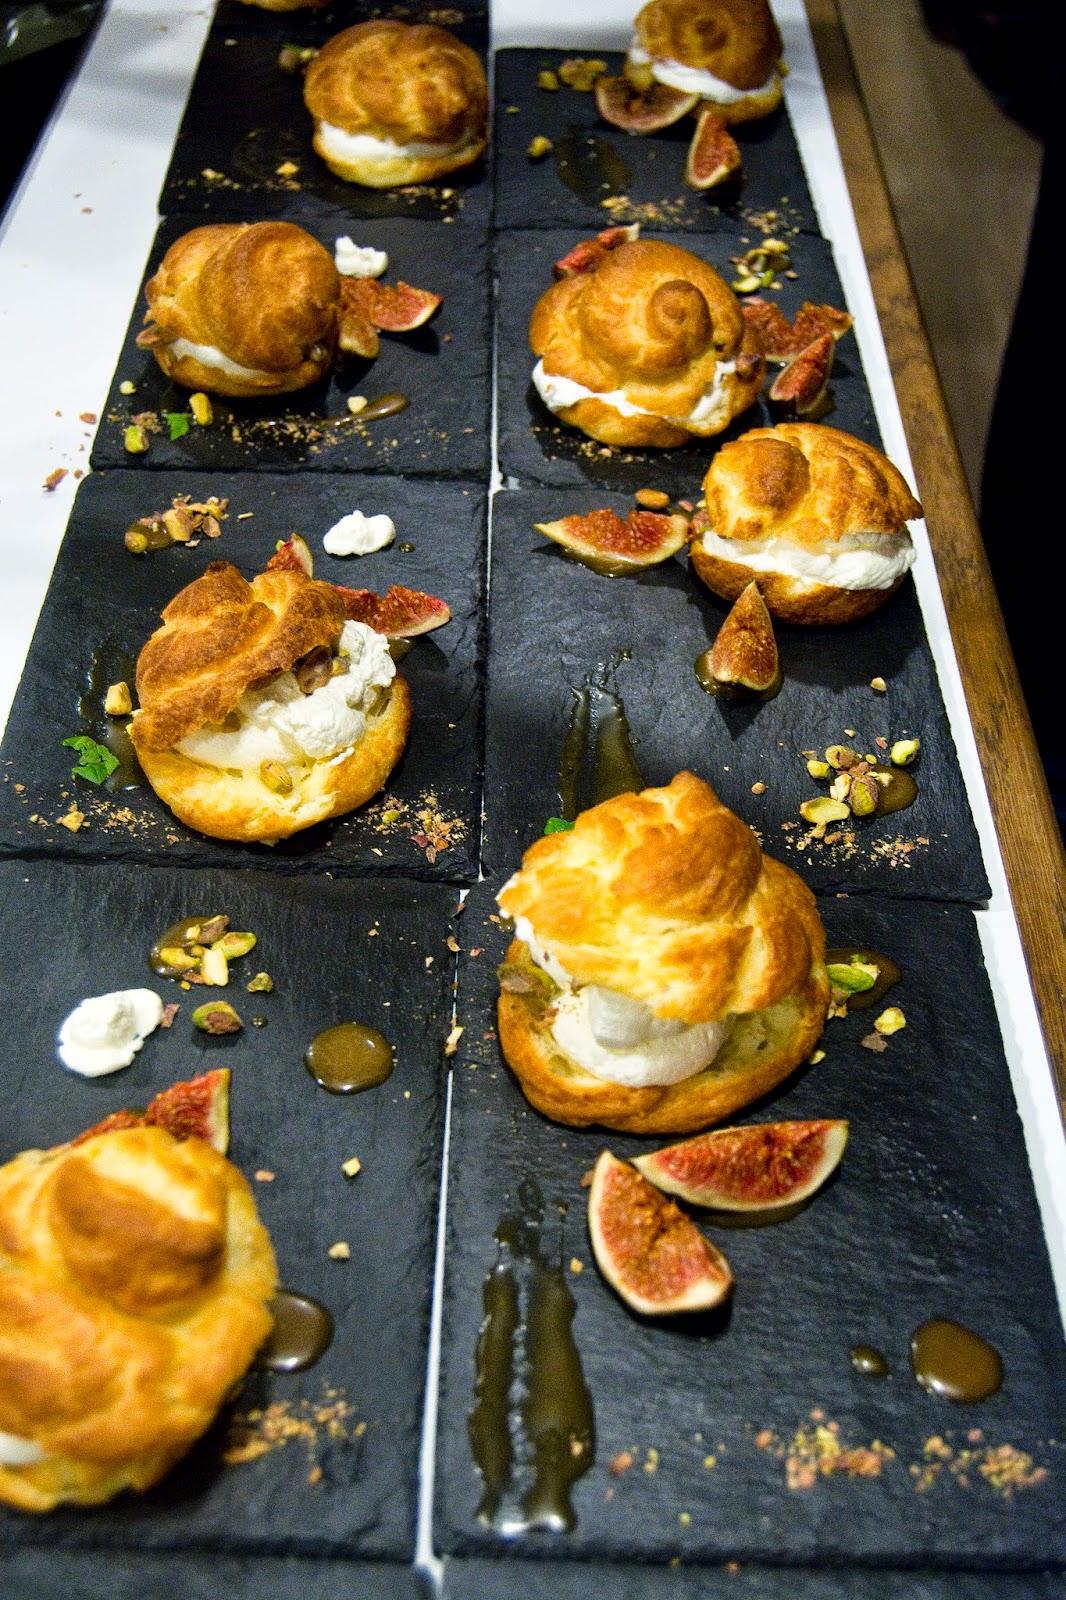 Atuty - krótki kurs kuchni francuskiej - ptysie z pistacjami i sosem karmelowym